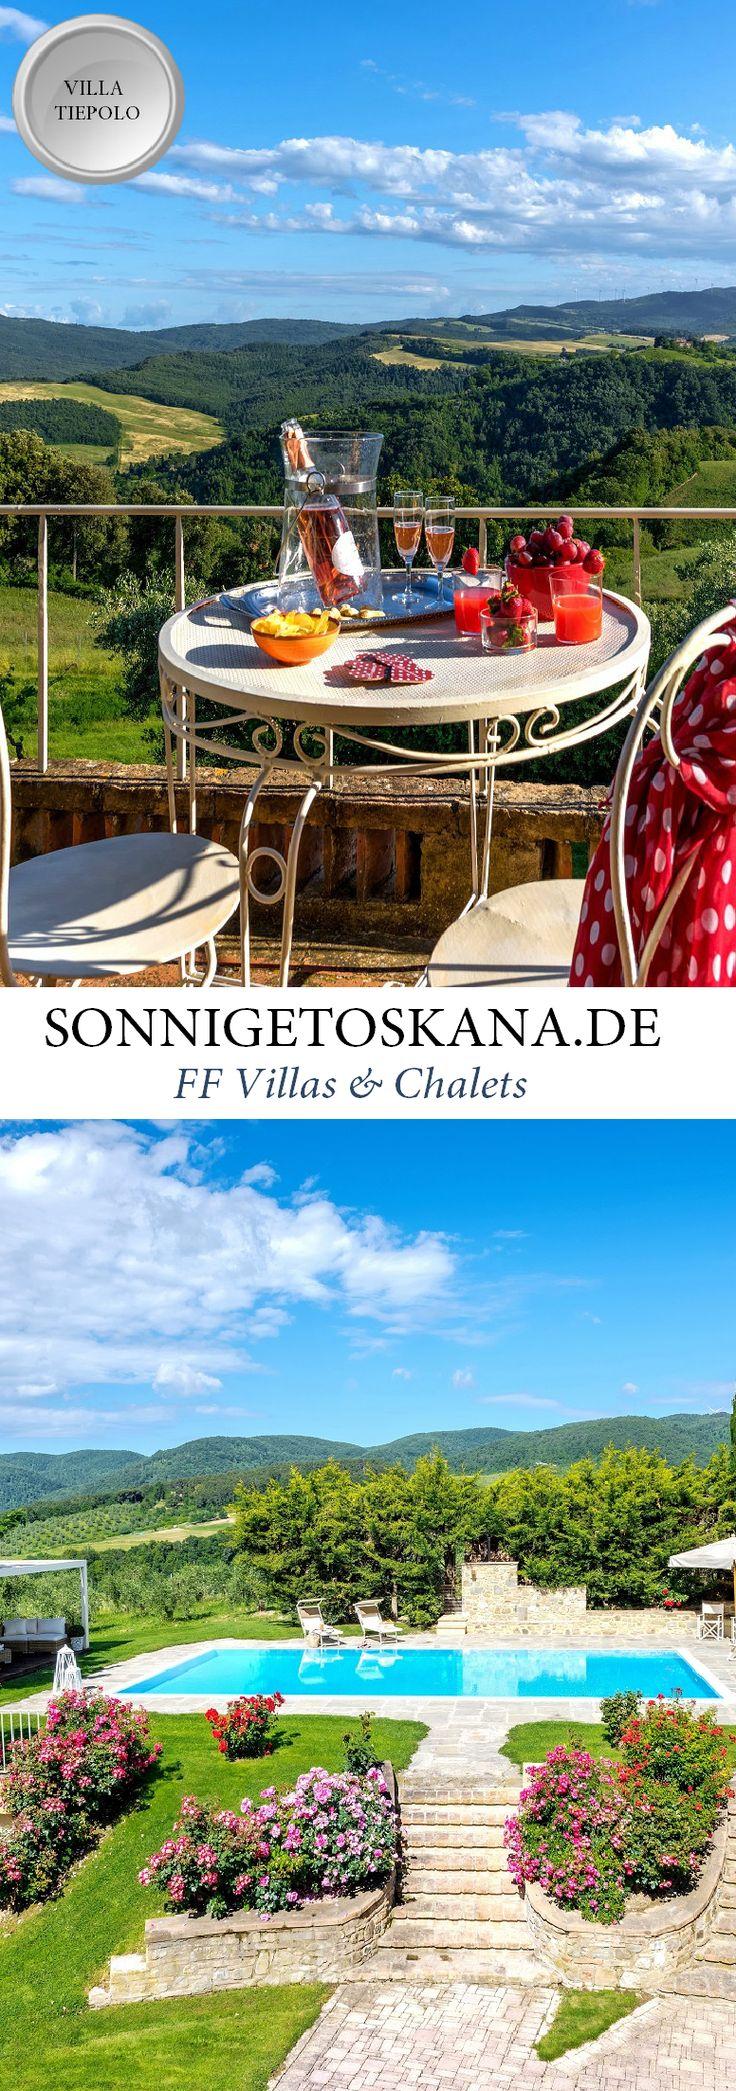 Ferienvilla Ferienhaus www.sonnigetoskana.de || Villa Tiepolo || Toskana, Provinz Pisa bei Chianni, 7 Schlafzimmer, Privater Pool. Die Villa Tipeolo liegt bei dem charmaten Ort Chianni in der Toskana in der Region Pisa. Es ist eine gediegene, grosszügige Villa mit privatem Pool, die für bis zu 14 Personen grosszügig Platz bietet. #Toskana #Ferienhaus #Casalio #Urlaub #Reisen #Villa #SonnigeToskana #Luxus #VillaTiepolo